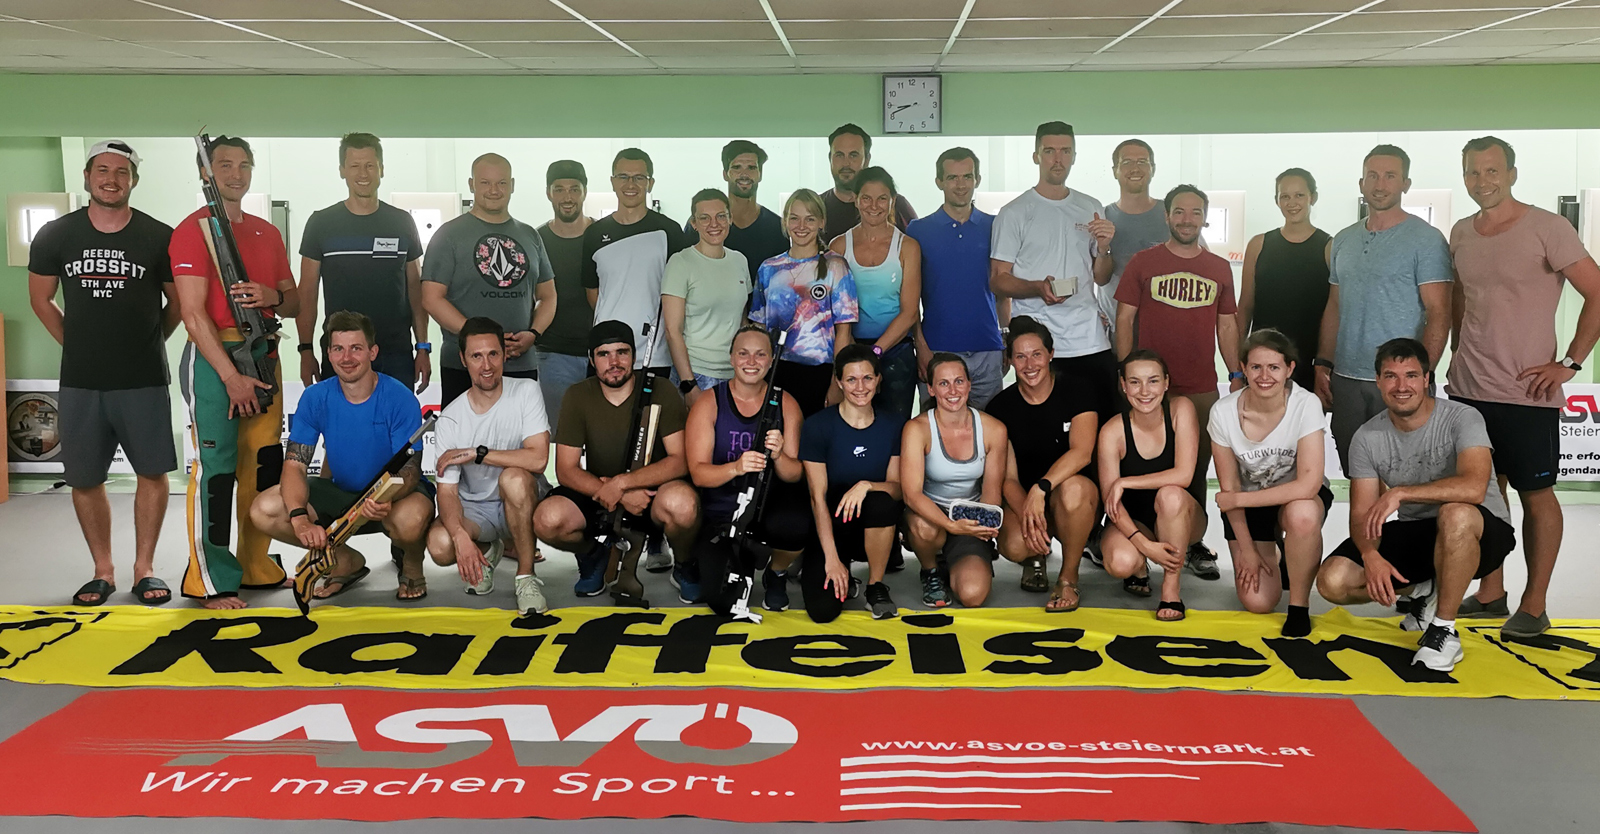 Die TeilnehmerInnen des Grundkurses der Trainerausbildung © Martin Strempfl